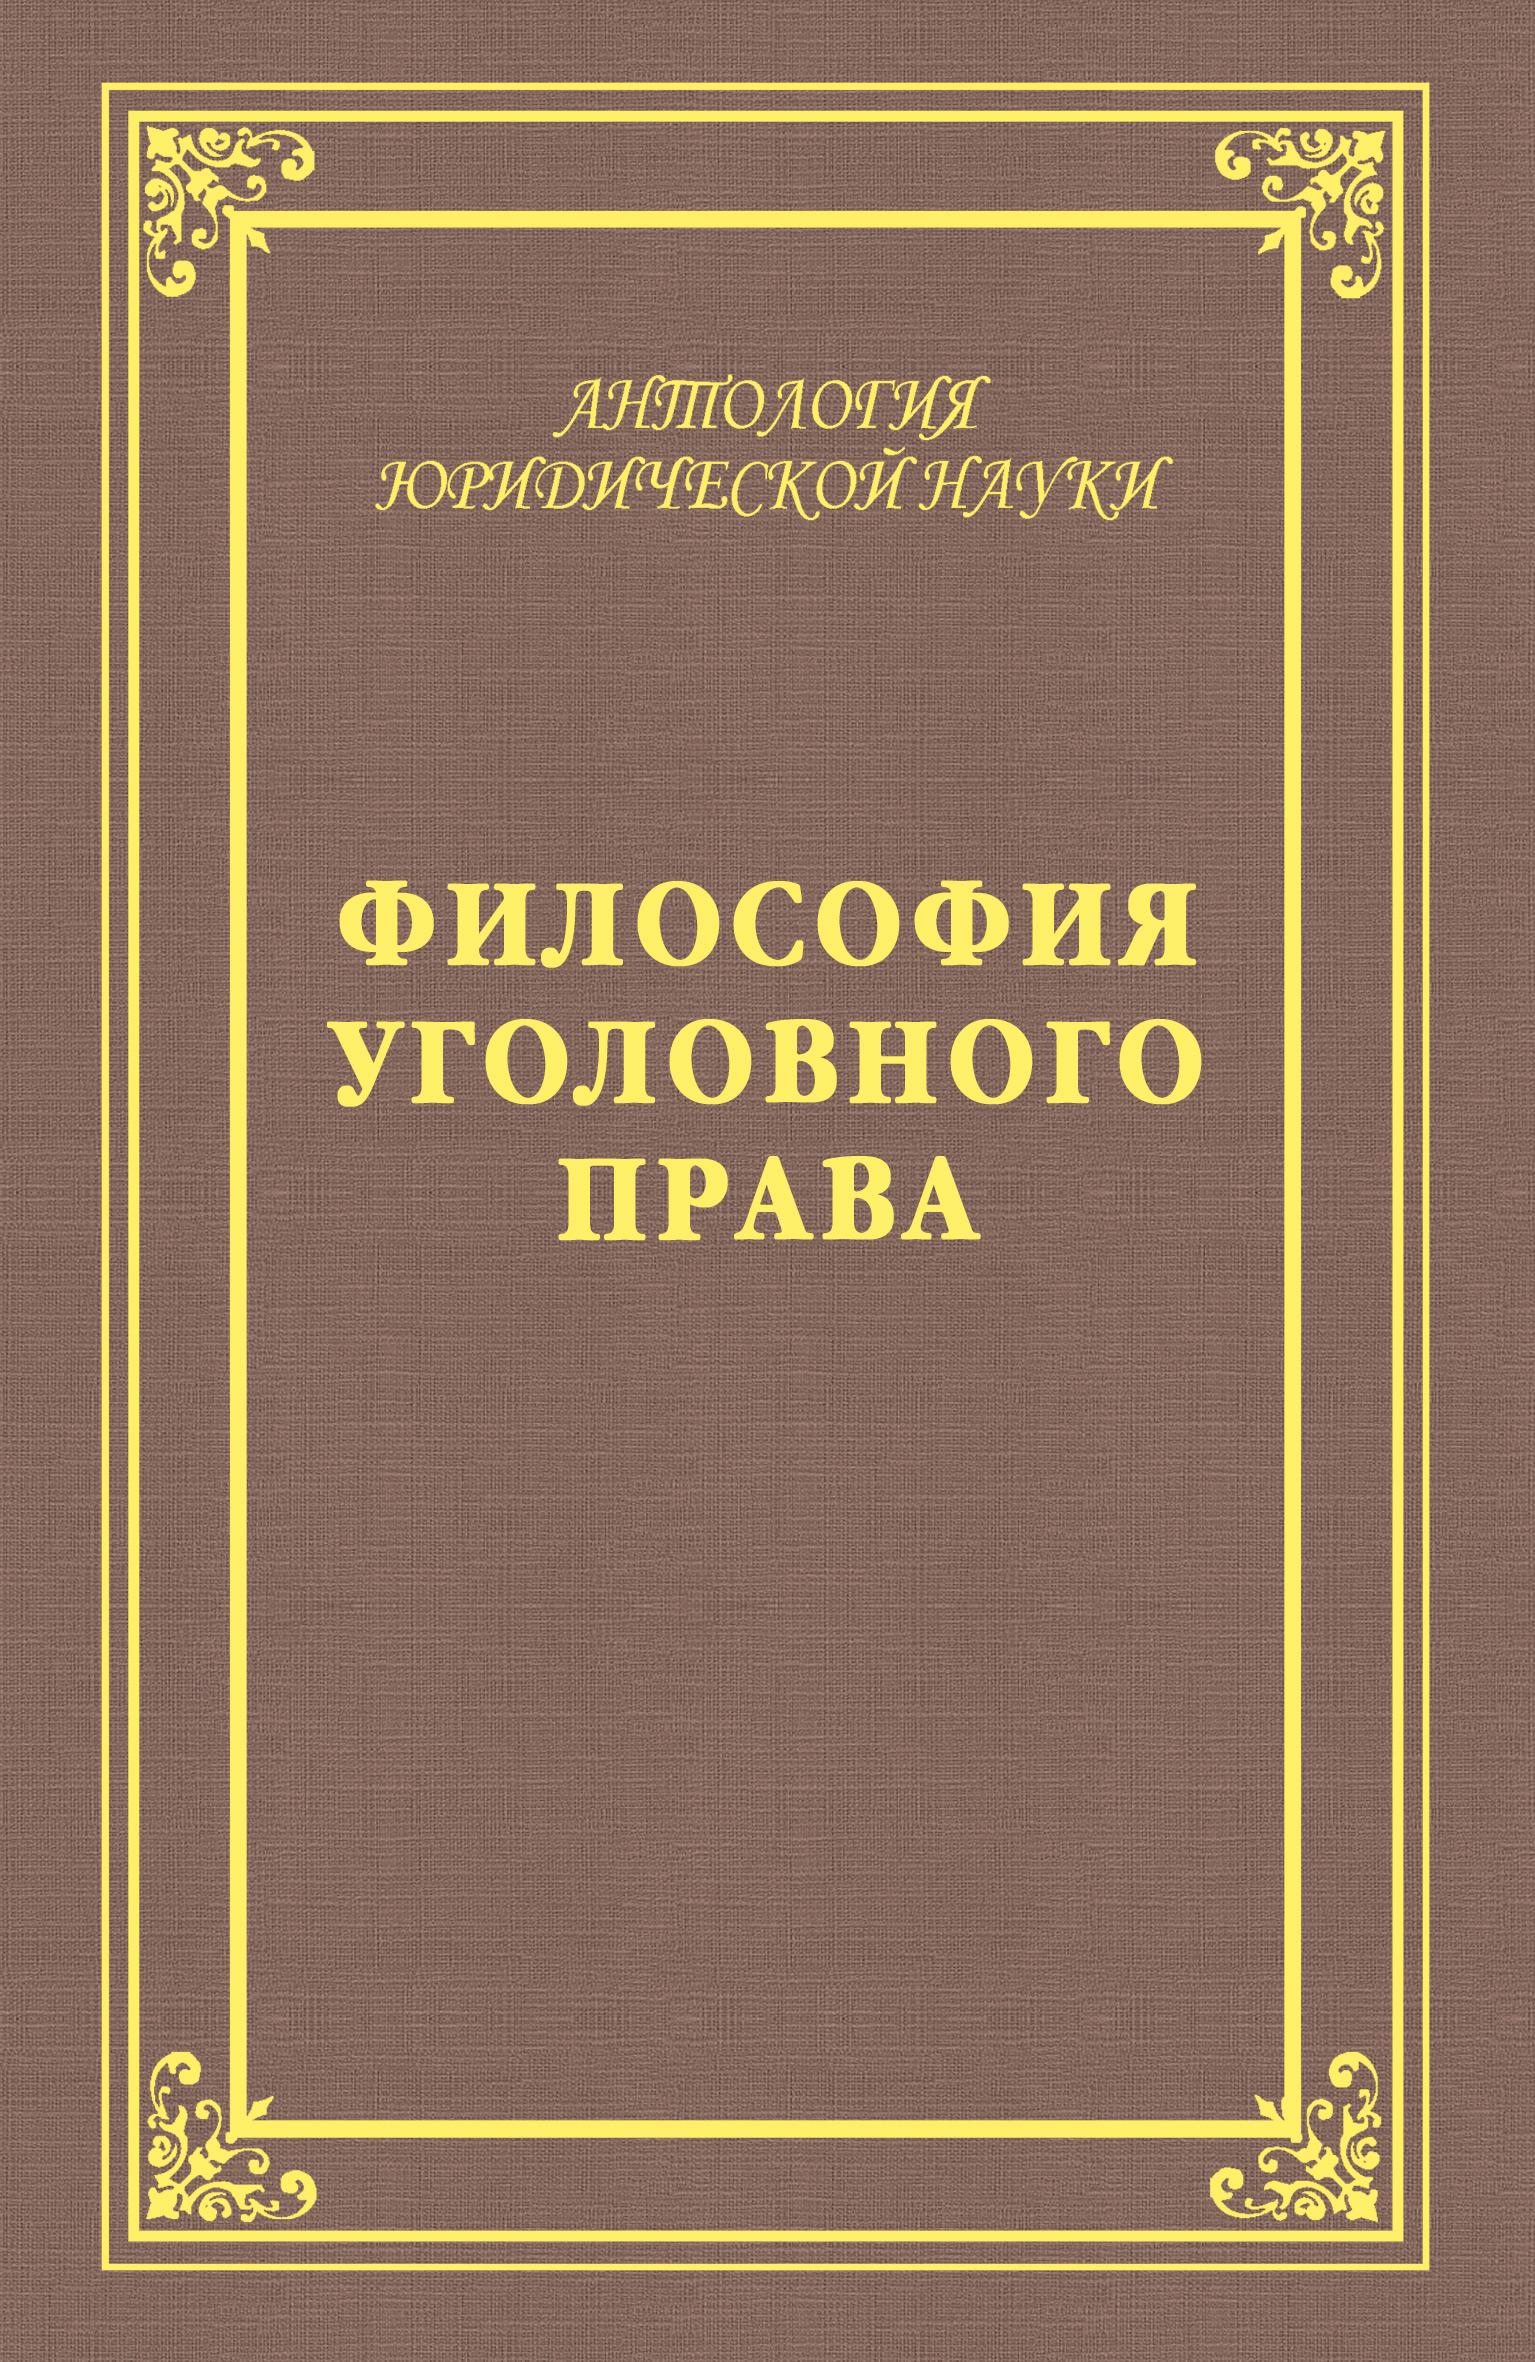 Отсутствует Философия уголовного права а п алексеев философия и социальная теория сборник научных трудов выпуск шестой